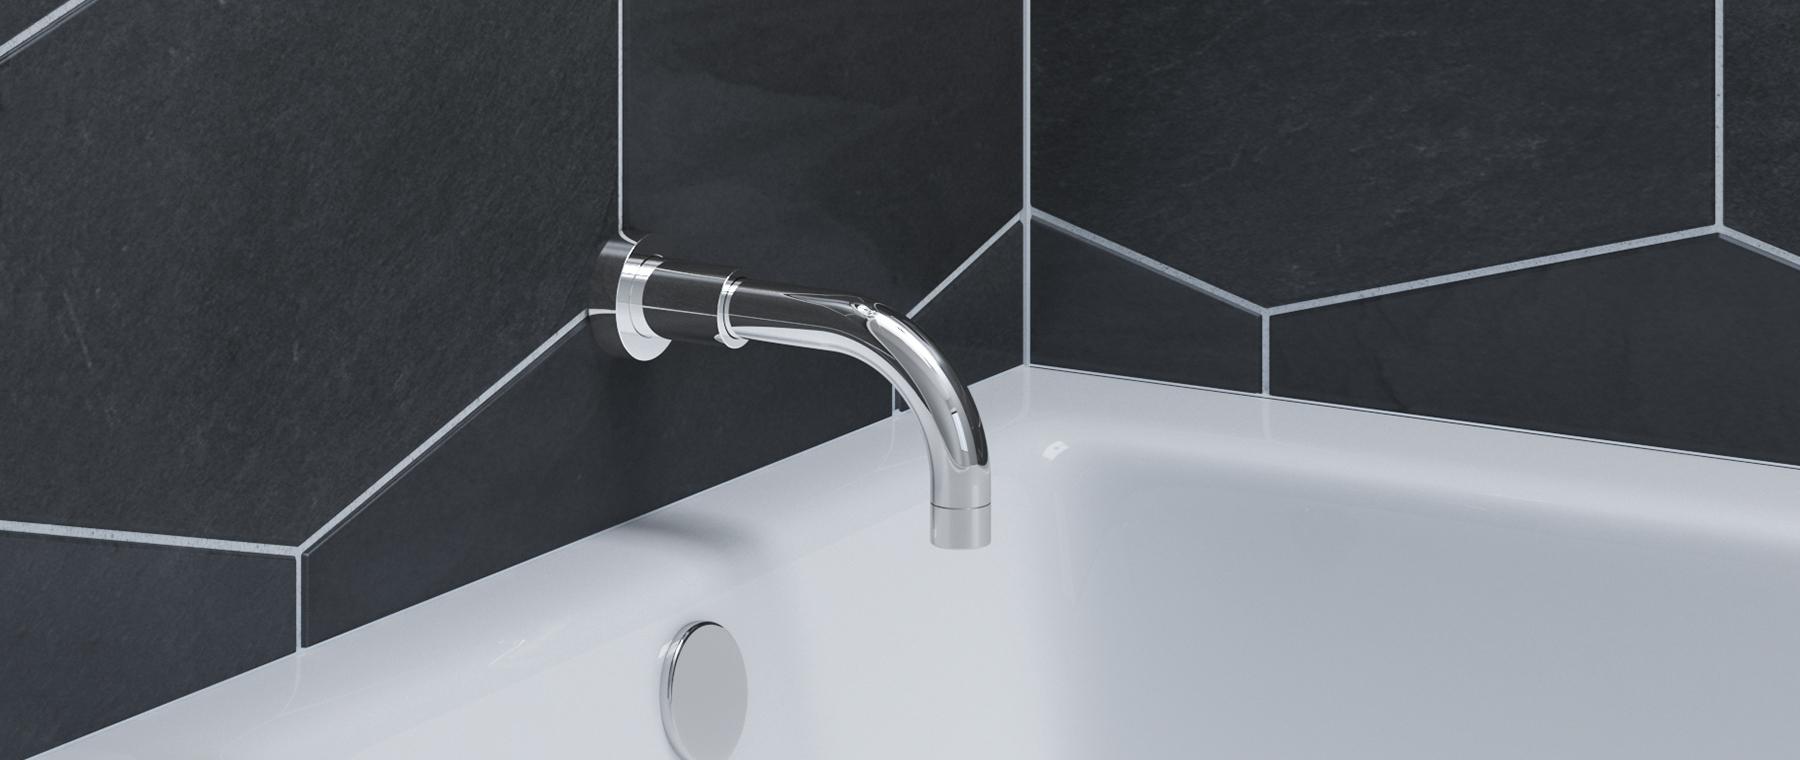 ALT | Round tub spout with diverter